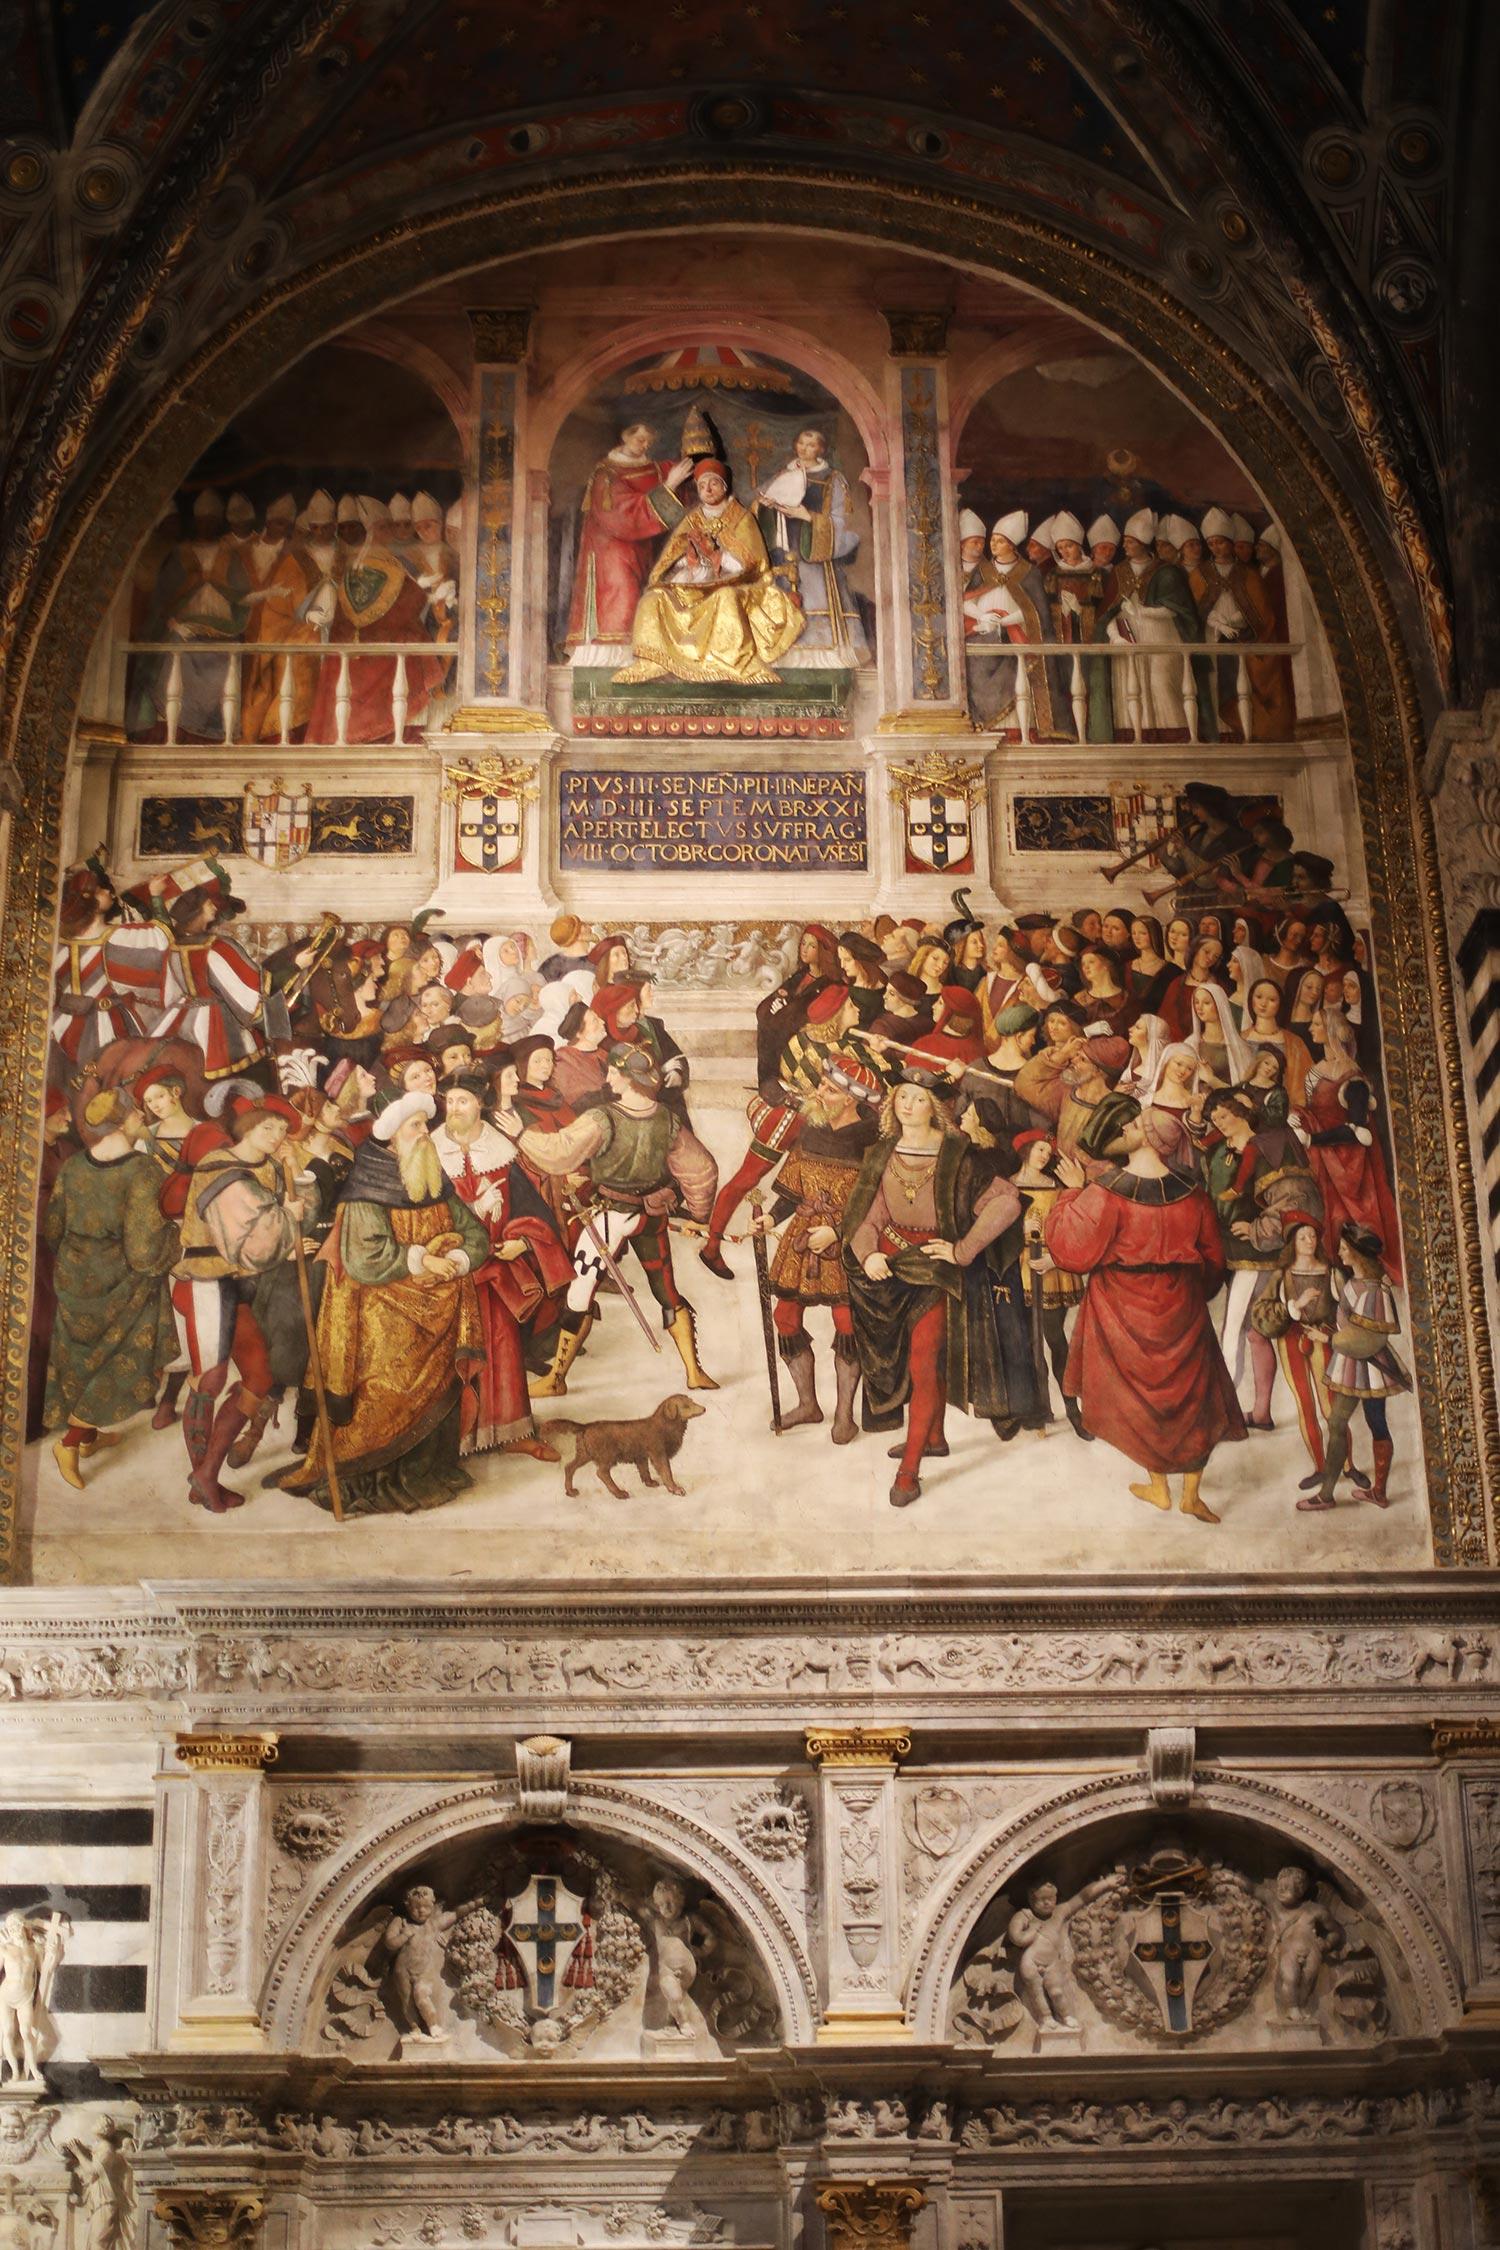 Pilgrimage_Rome_4153_Siena.jpg